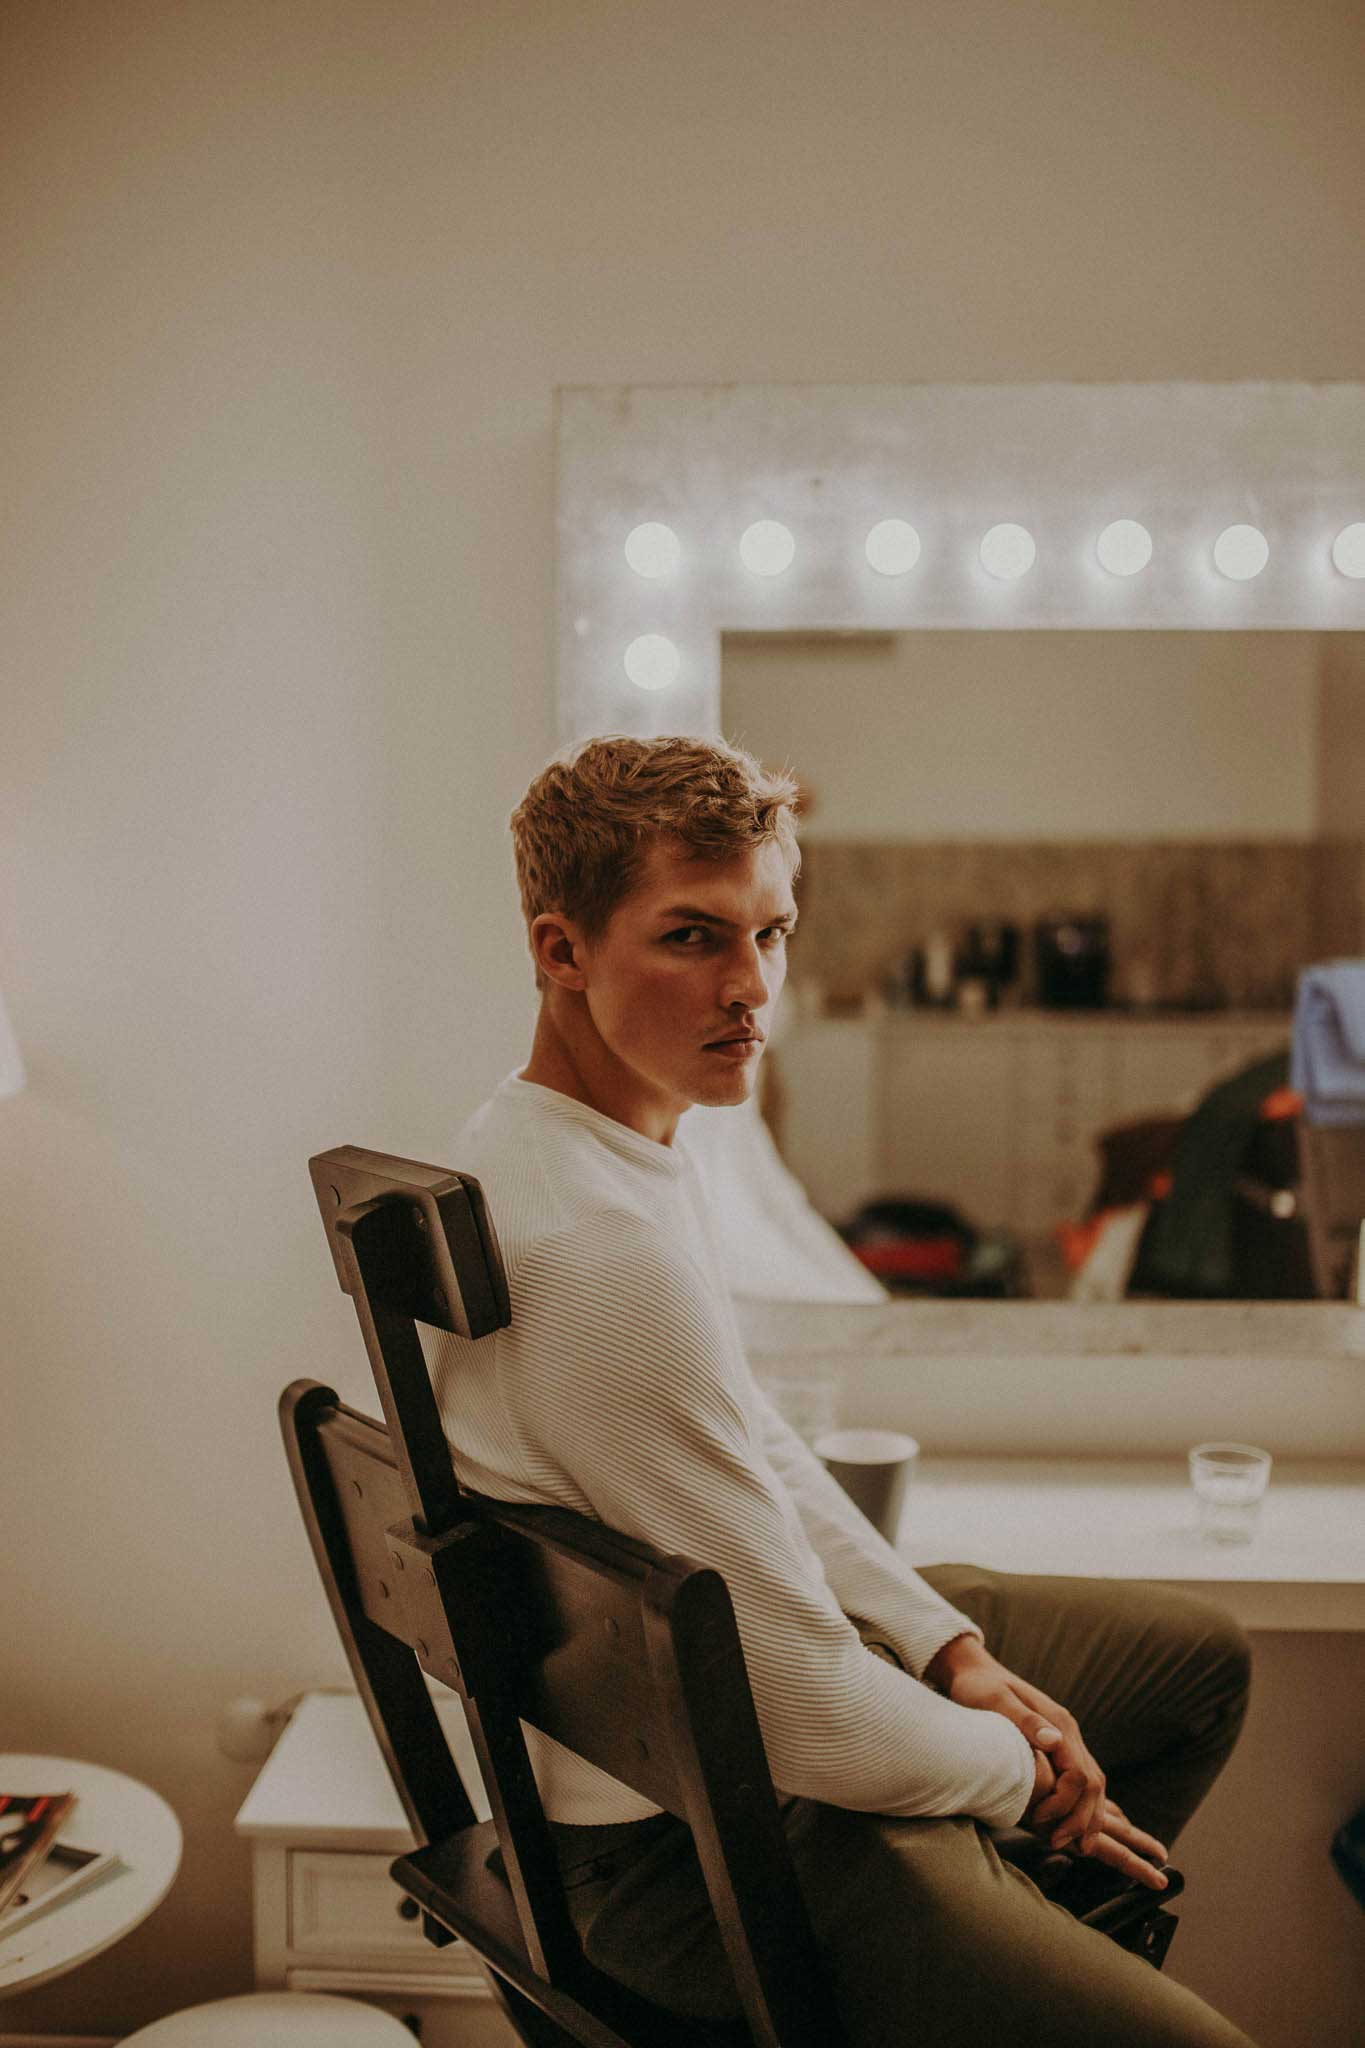 Daniel Szewera oczekuje na woją kolej na planie zdjęciowym